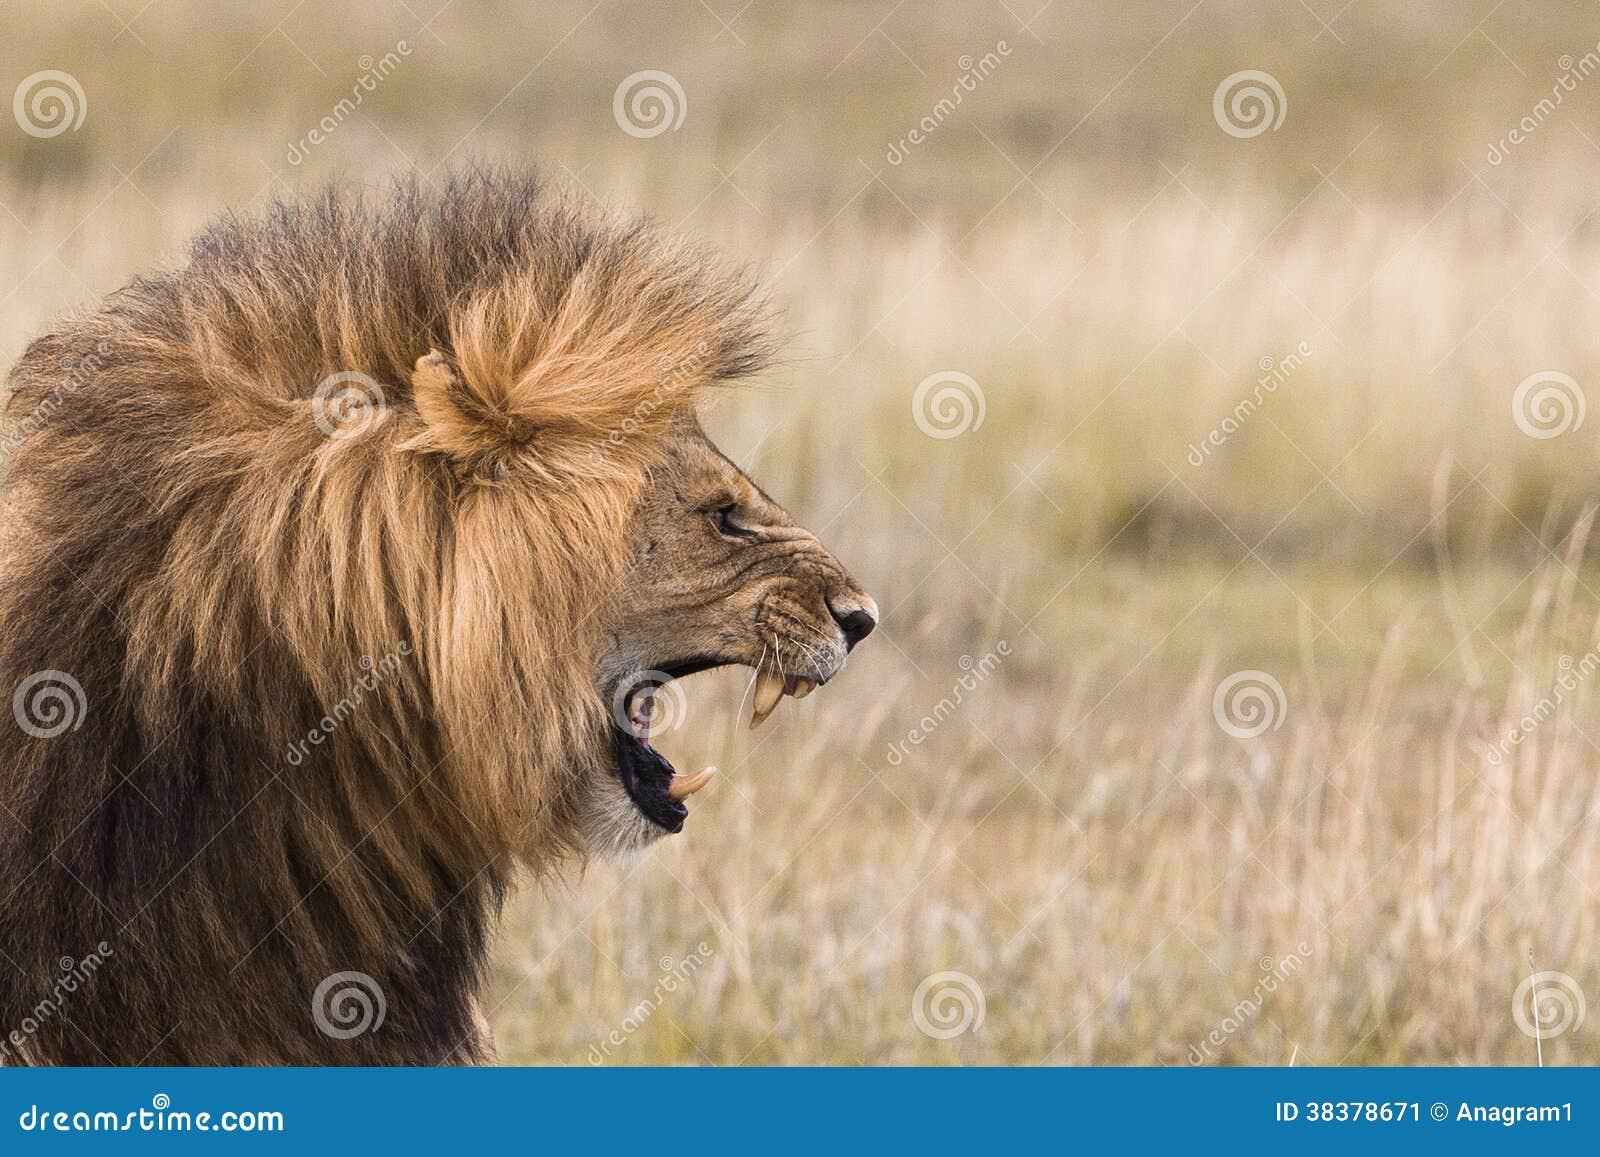 Lion side view face roar - photo#16